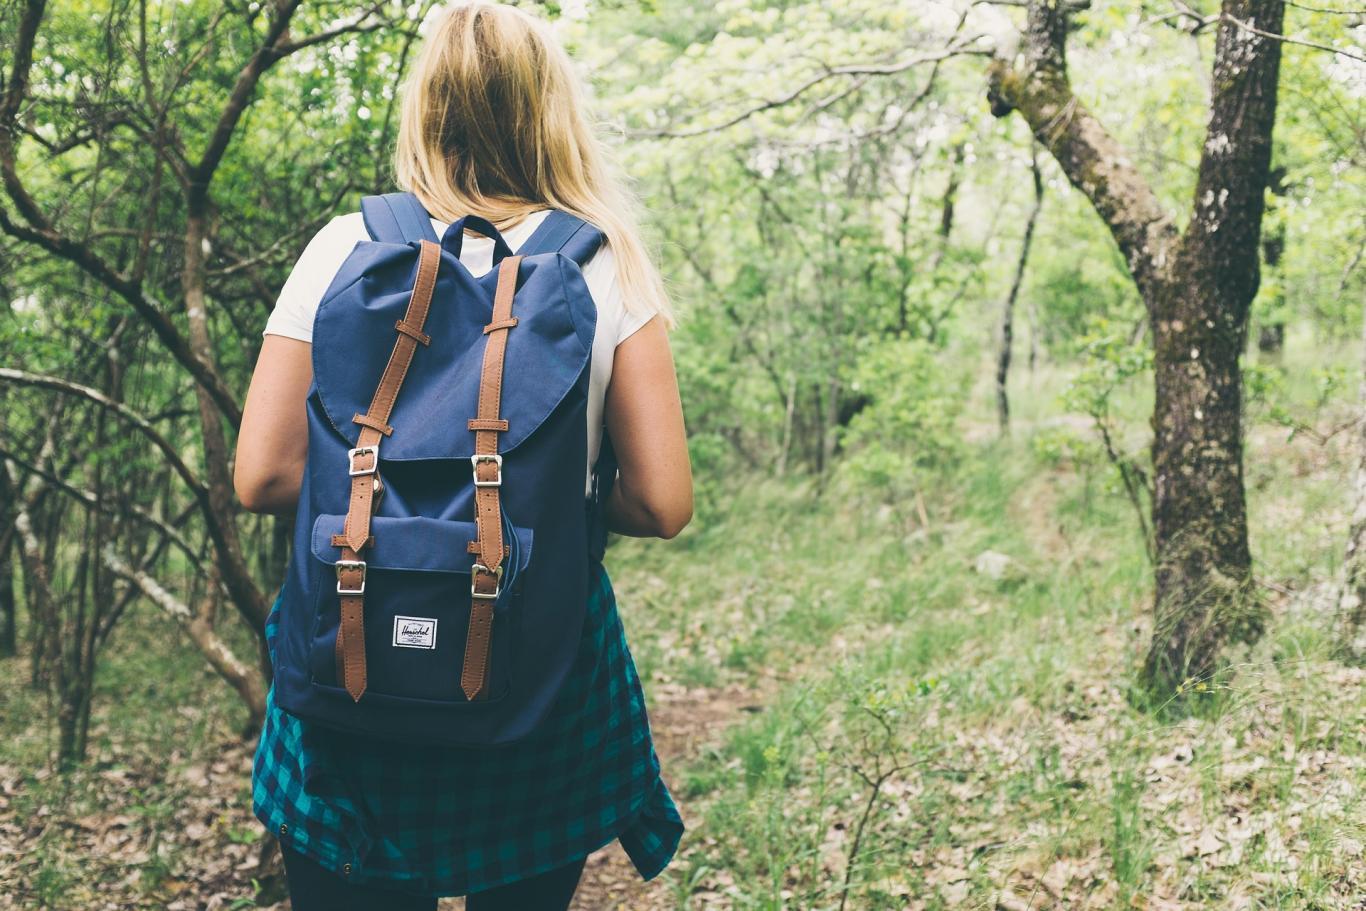 Joven con mochila en el campo